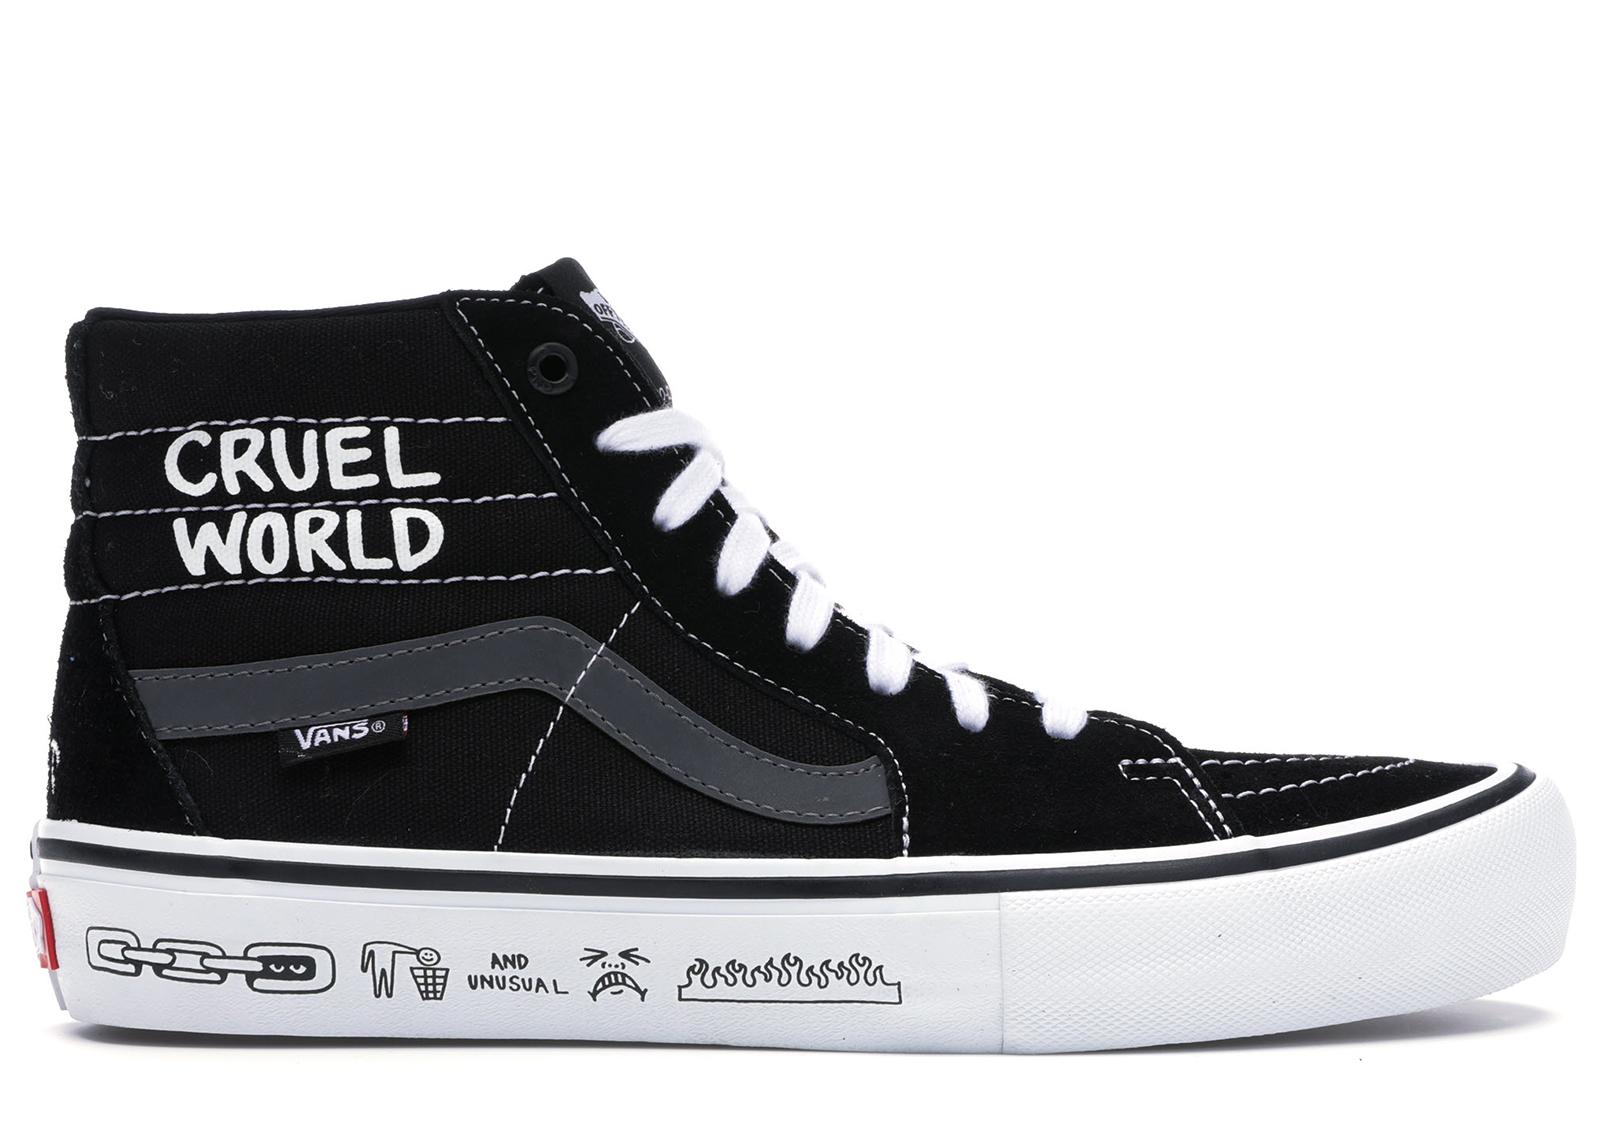 Vans Sk8-Hi Cult Cruel World Send Rescue - Sneakers